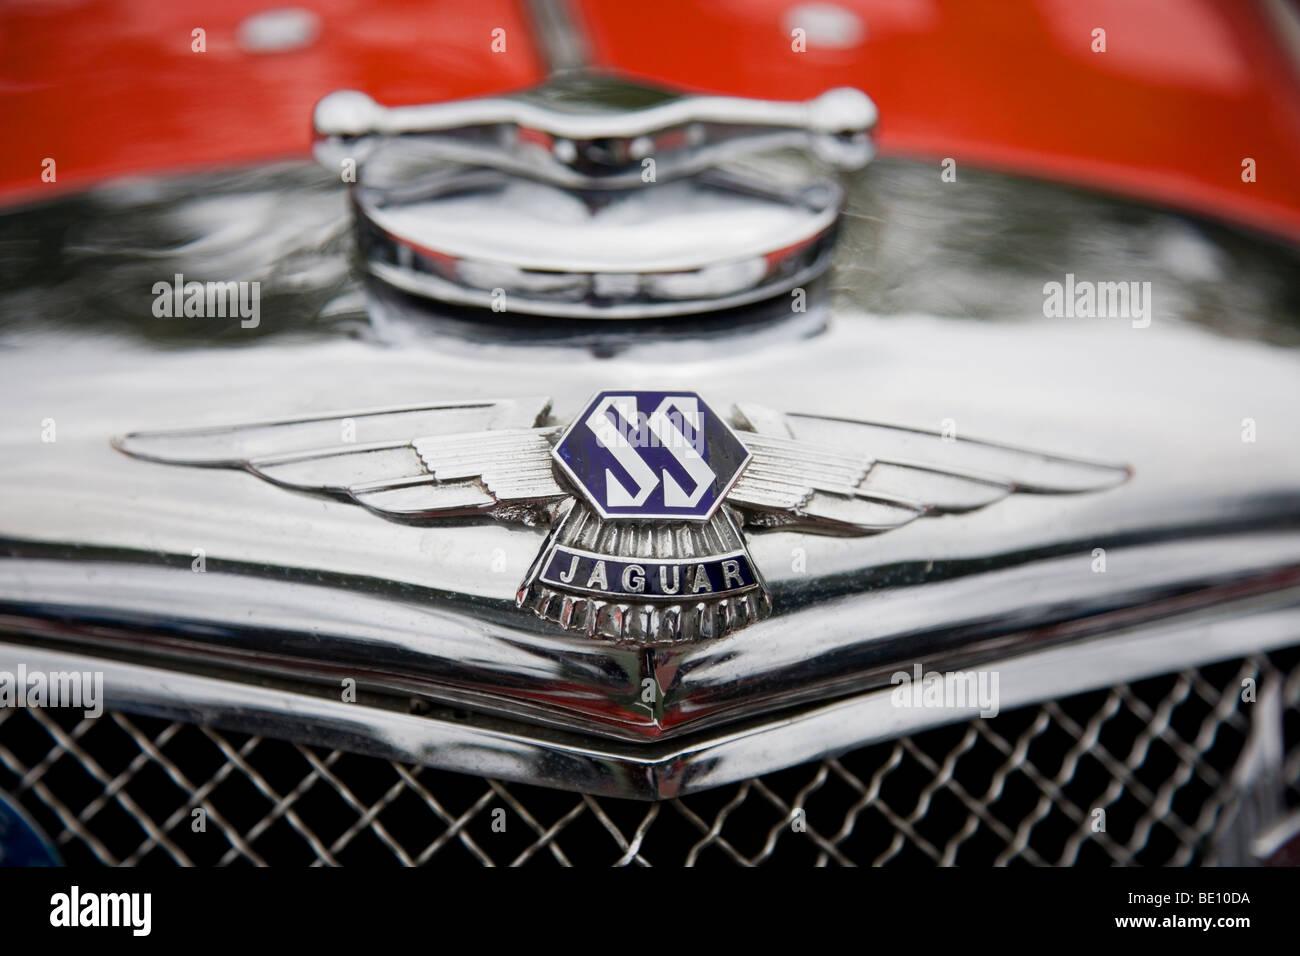 Front End Of A Jaguar Vintage Sports Car And Jaguar Ss Badge At